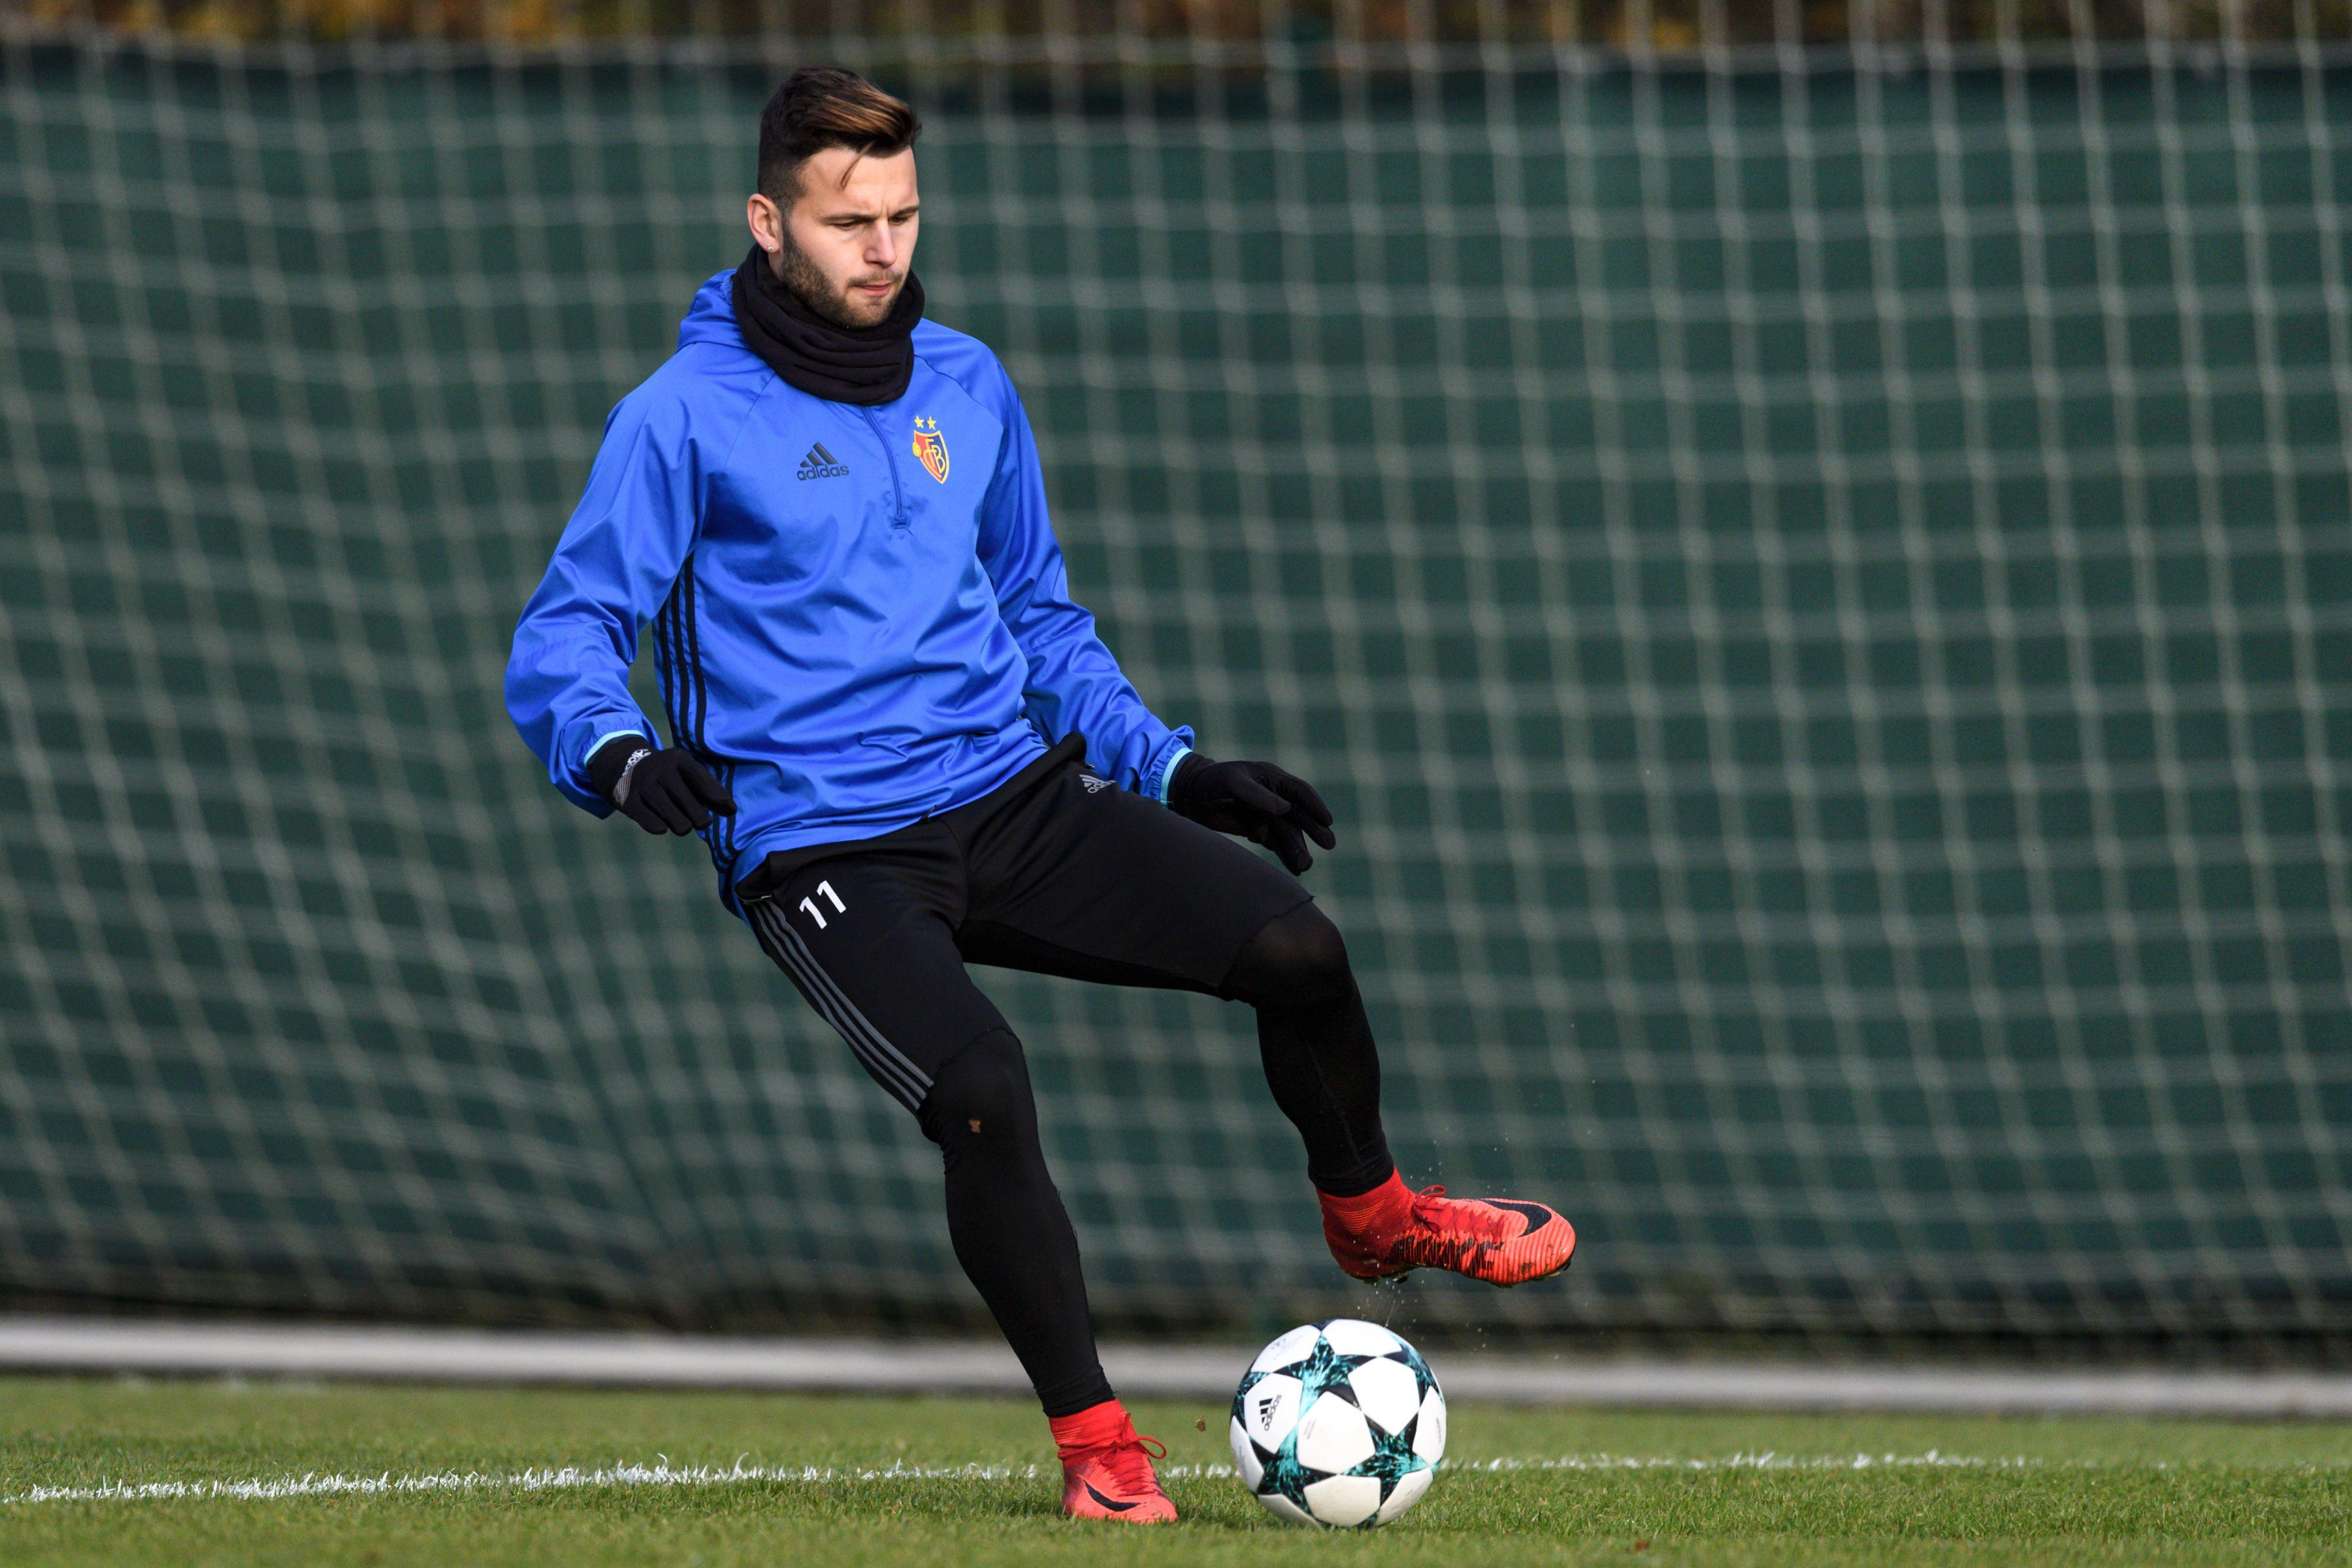 Schnäppchen aus Basel Wolfsburg: Steffen kommt als Gomez-Ersatz!